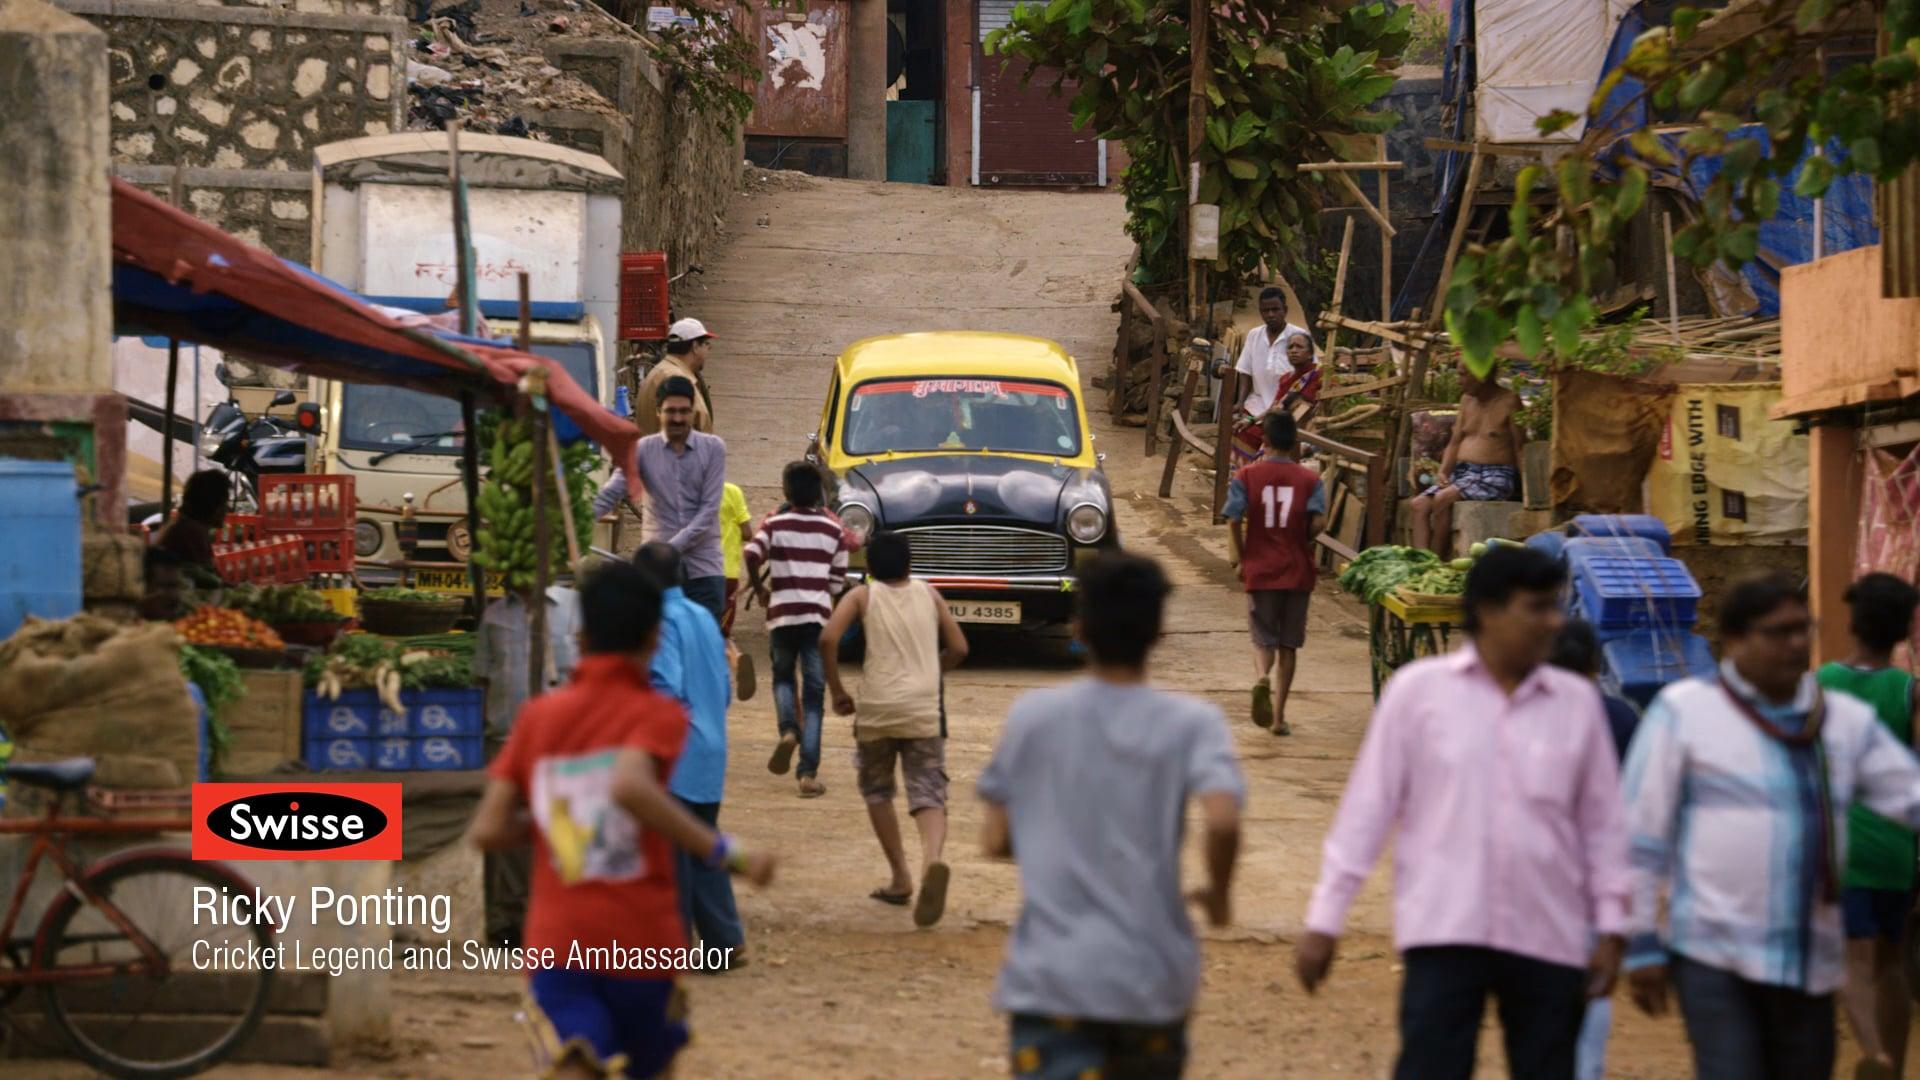 Ricky Mumbai U